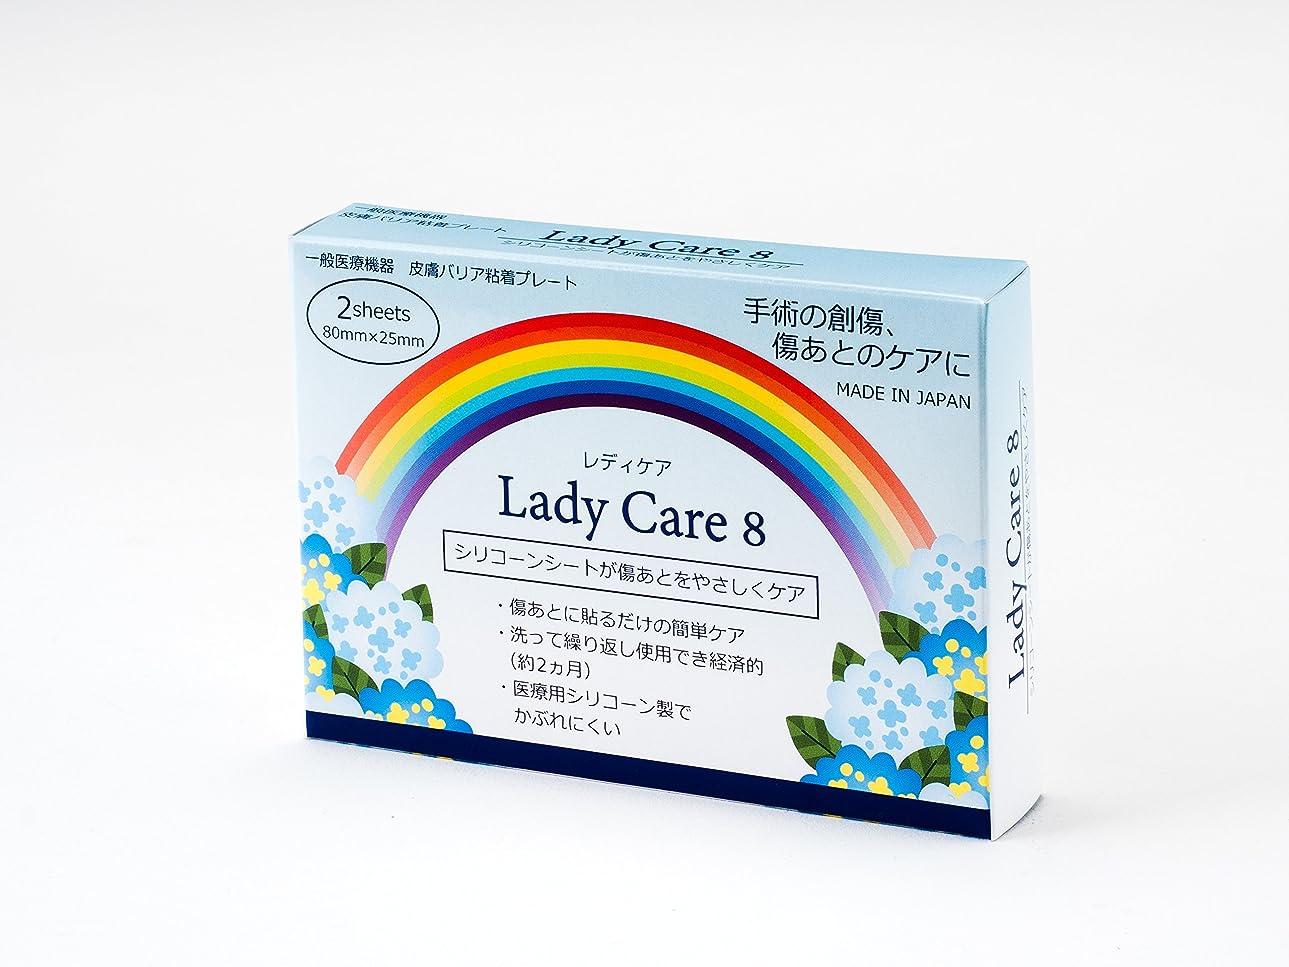 実質的に群れ石鹸ギネマム Lady Care8 レディケア8 【8cm×2.5cm】 2枚入り 術後